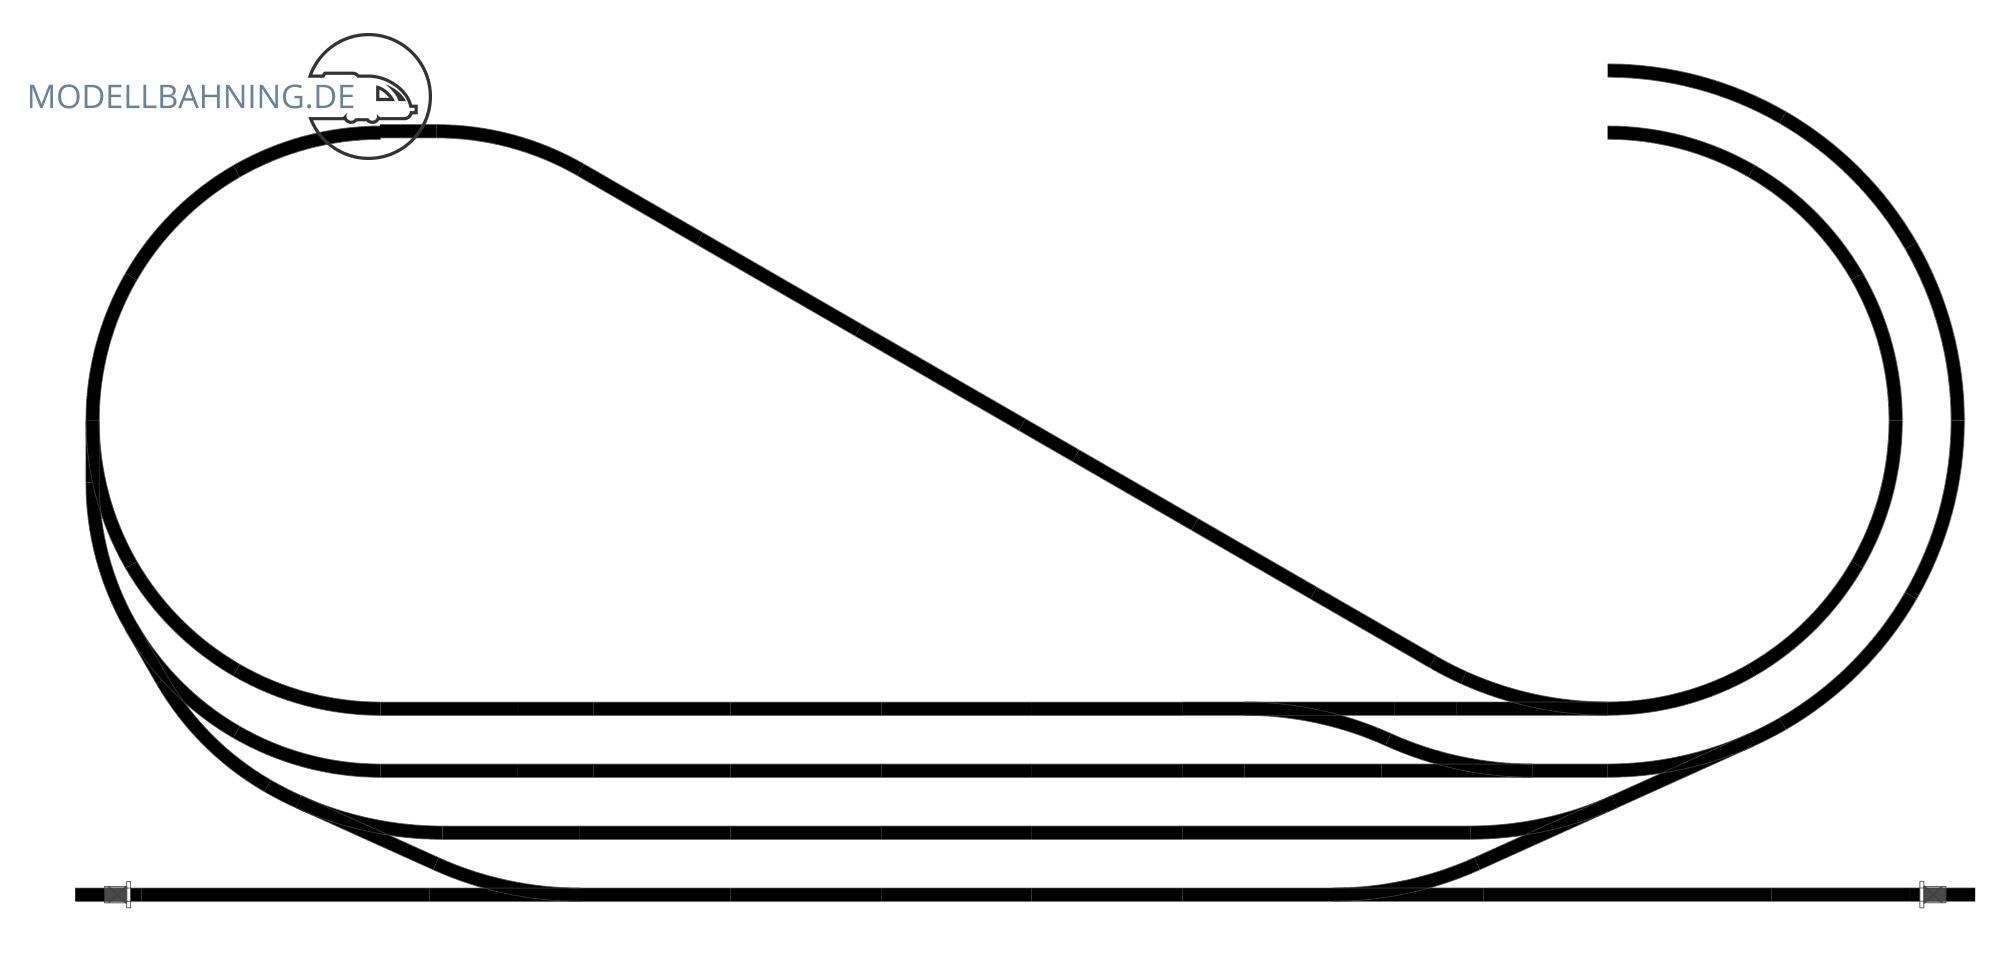 H0 Gleisplan auf 2,5 x 1,2 m: <br>Hundeknochen in drei Ebenen 4